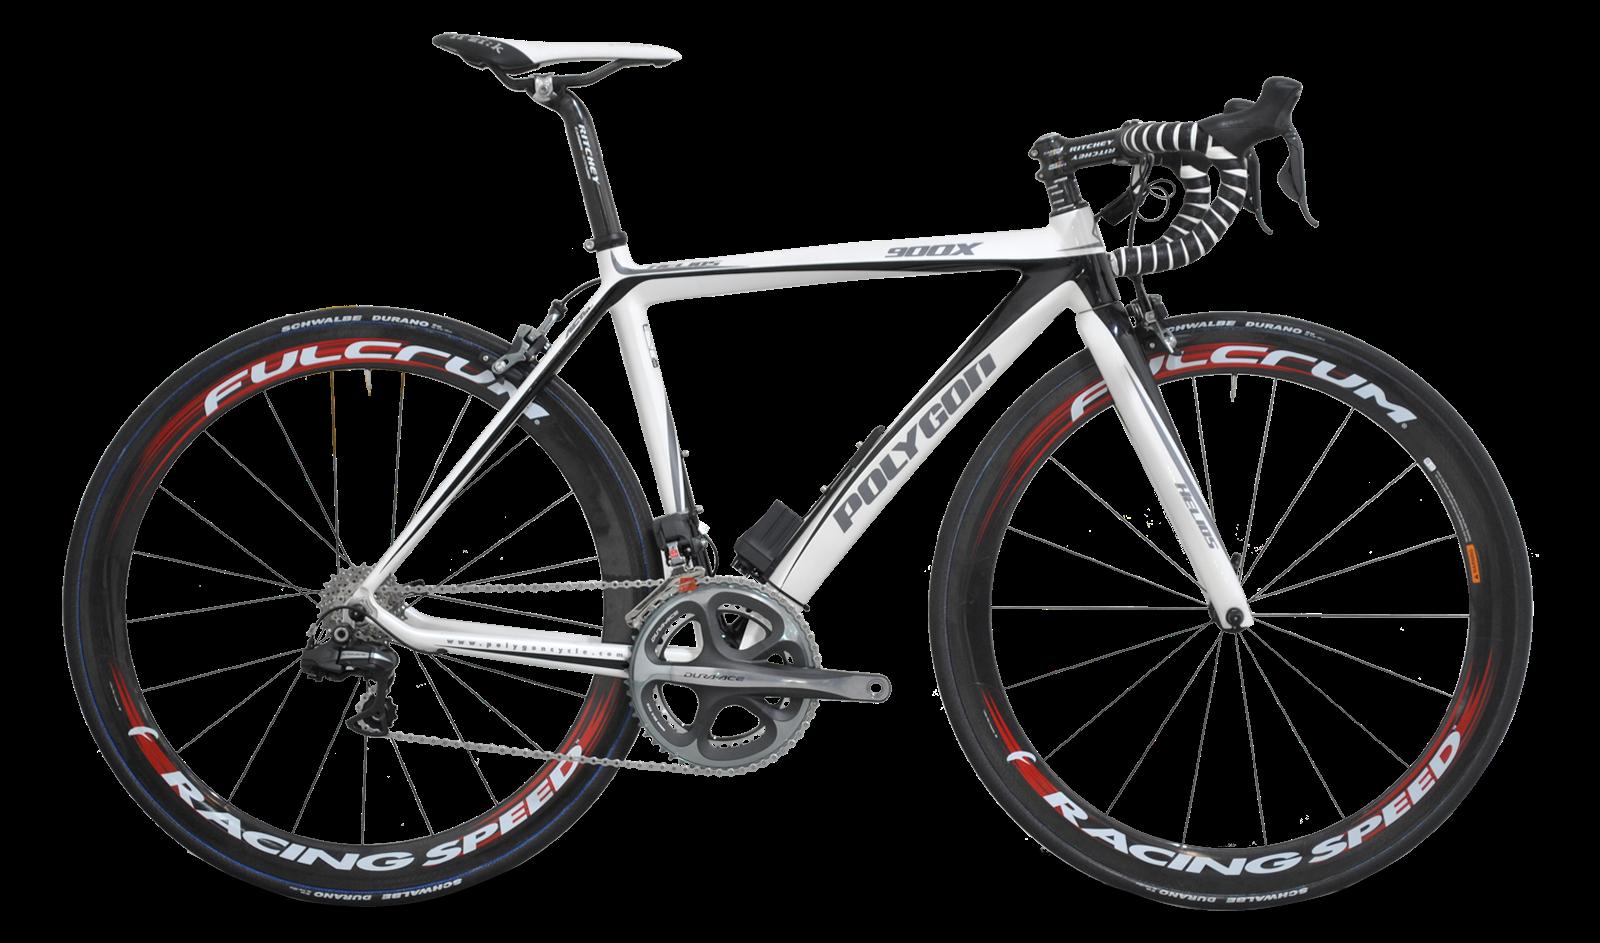 Toko Sepeda Online Bengkulu: Polygon Helios 900x